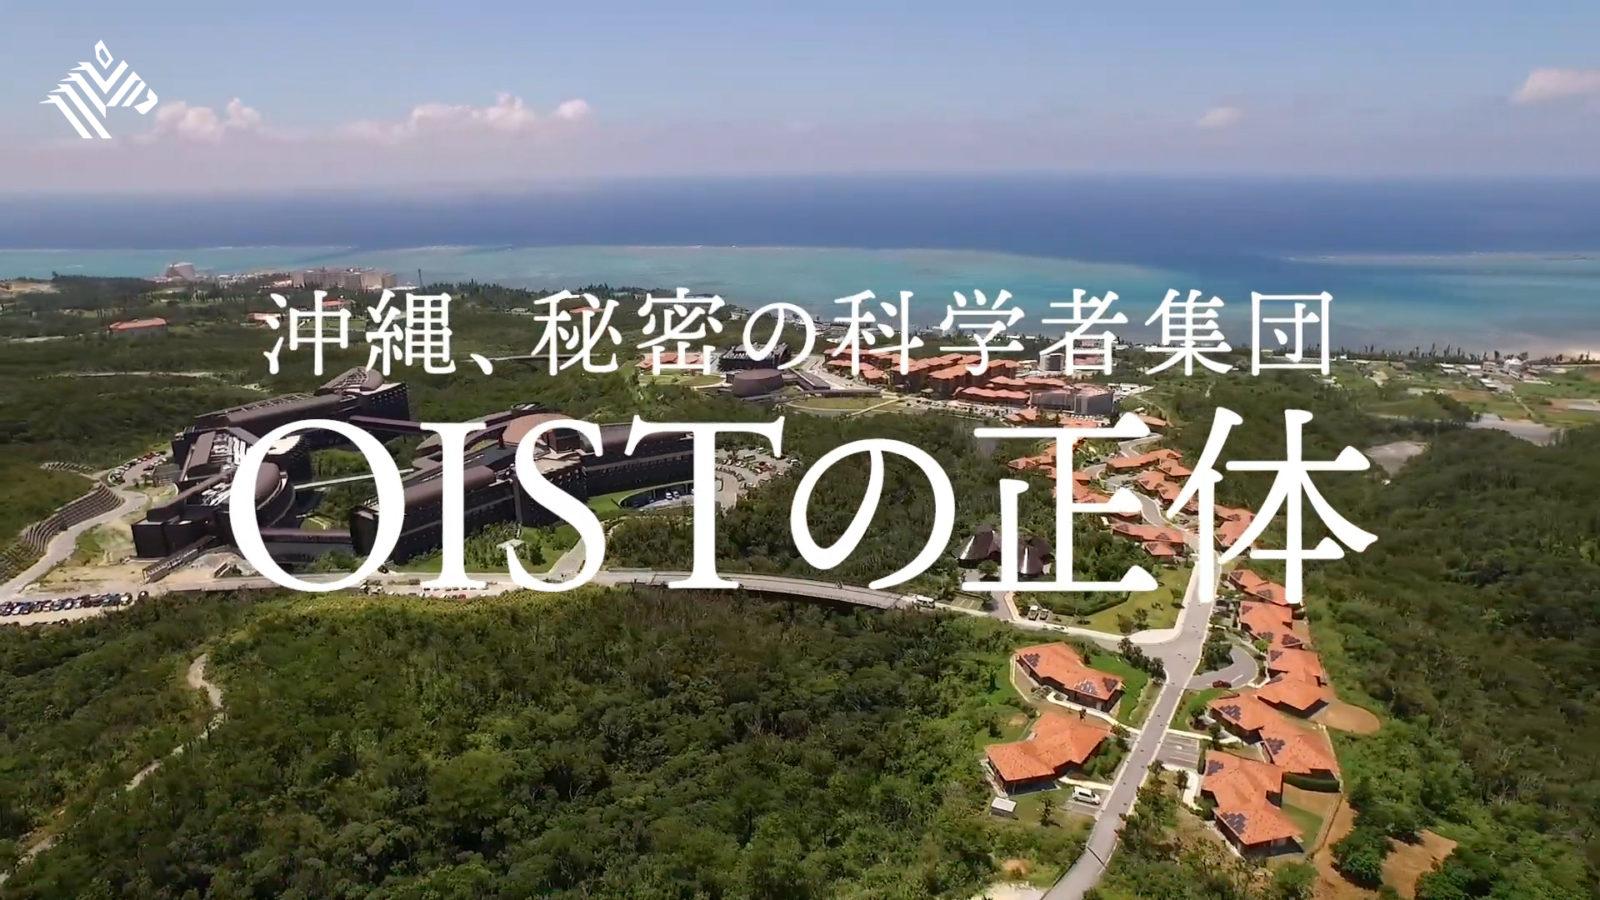 『沖縄、秘密の科学者集団 OISTの正体』